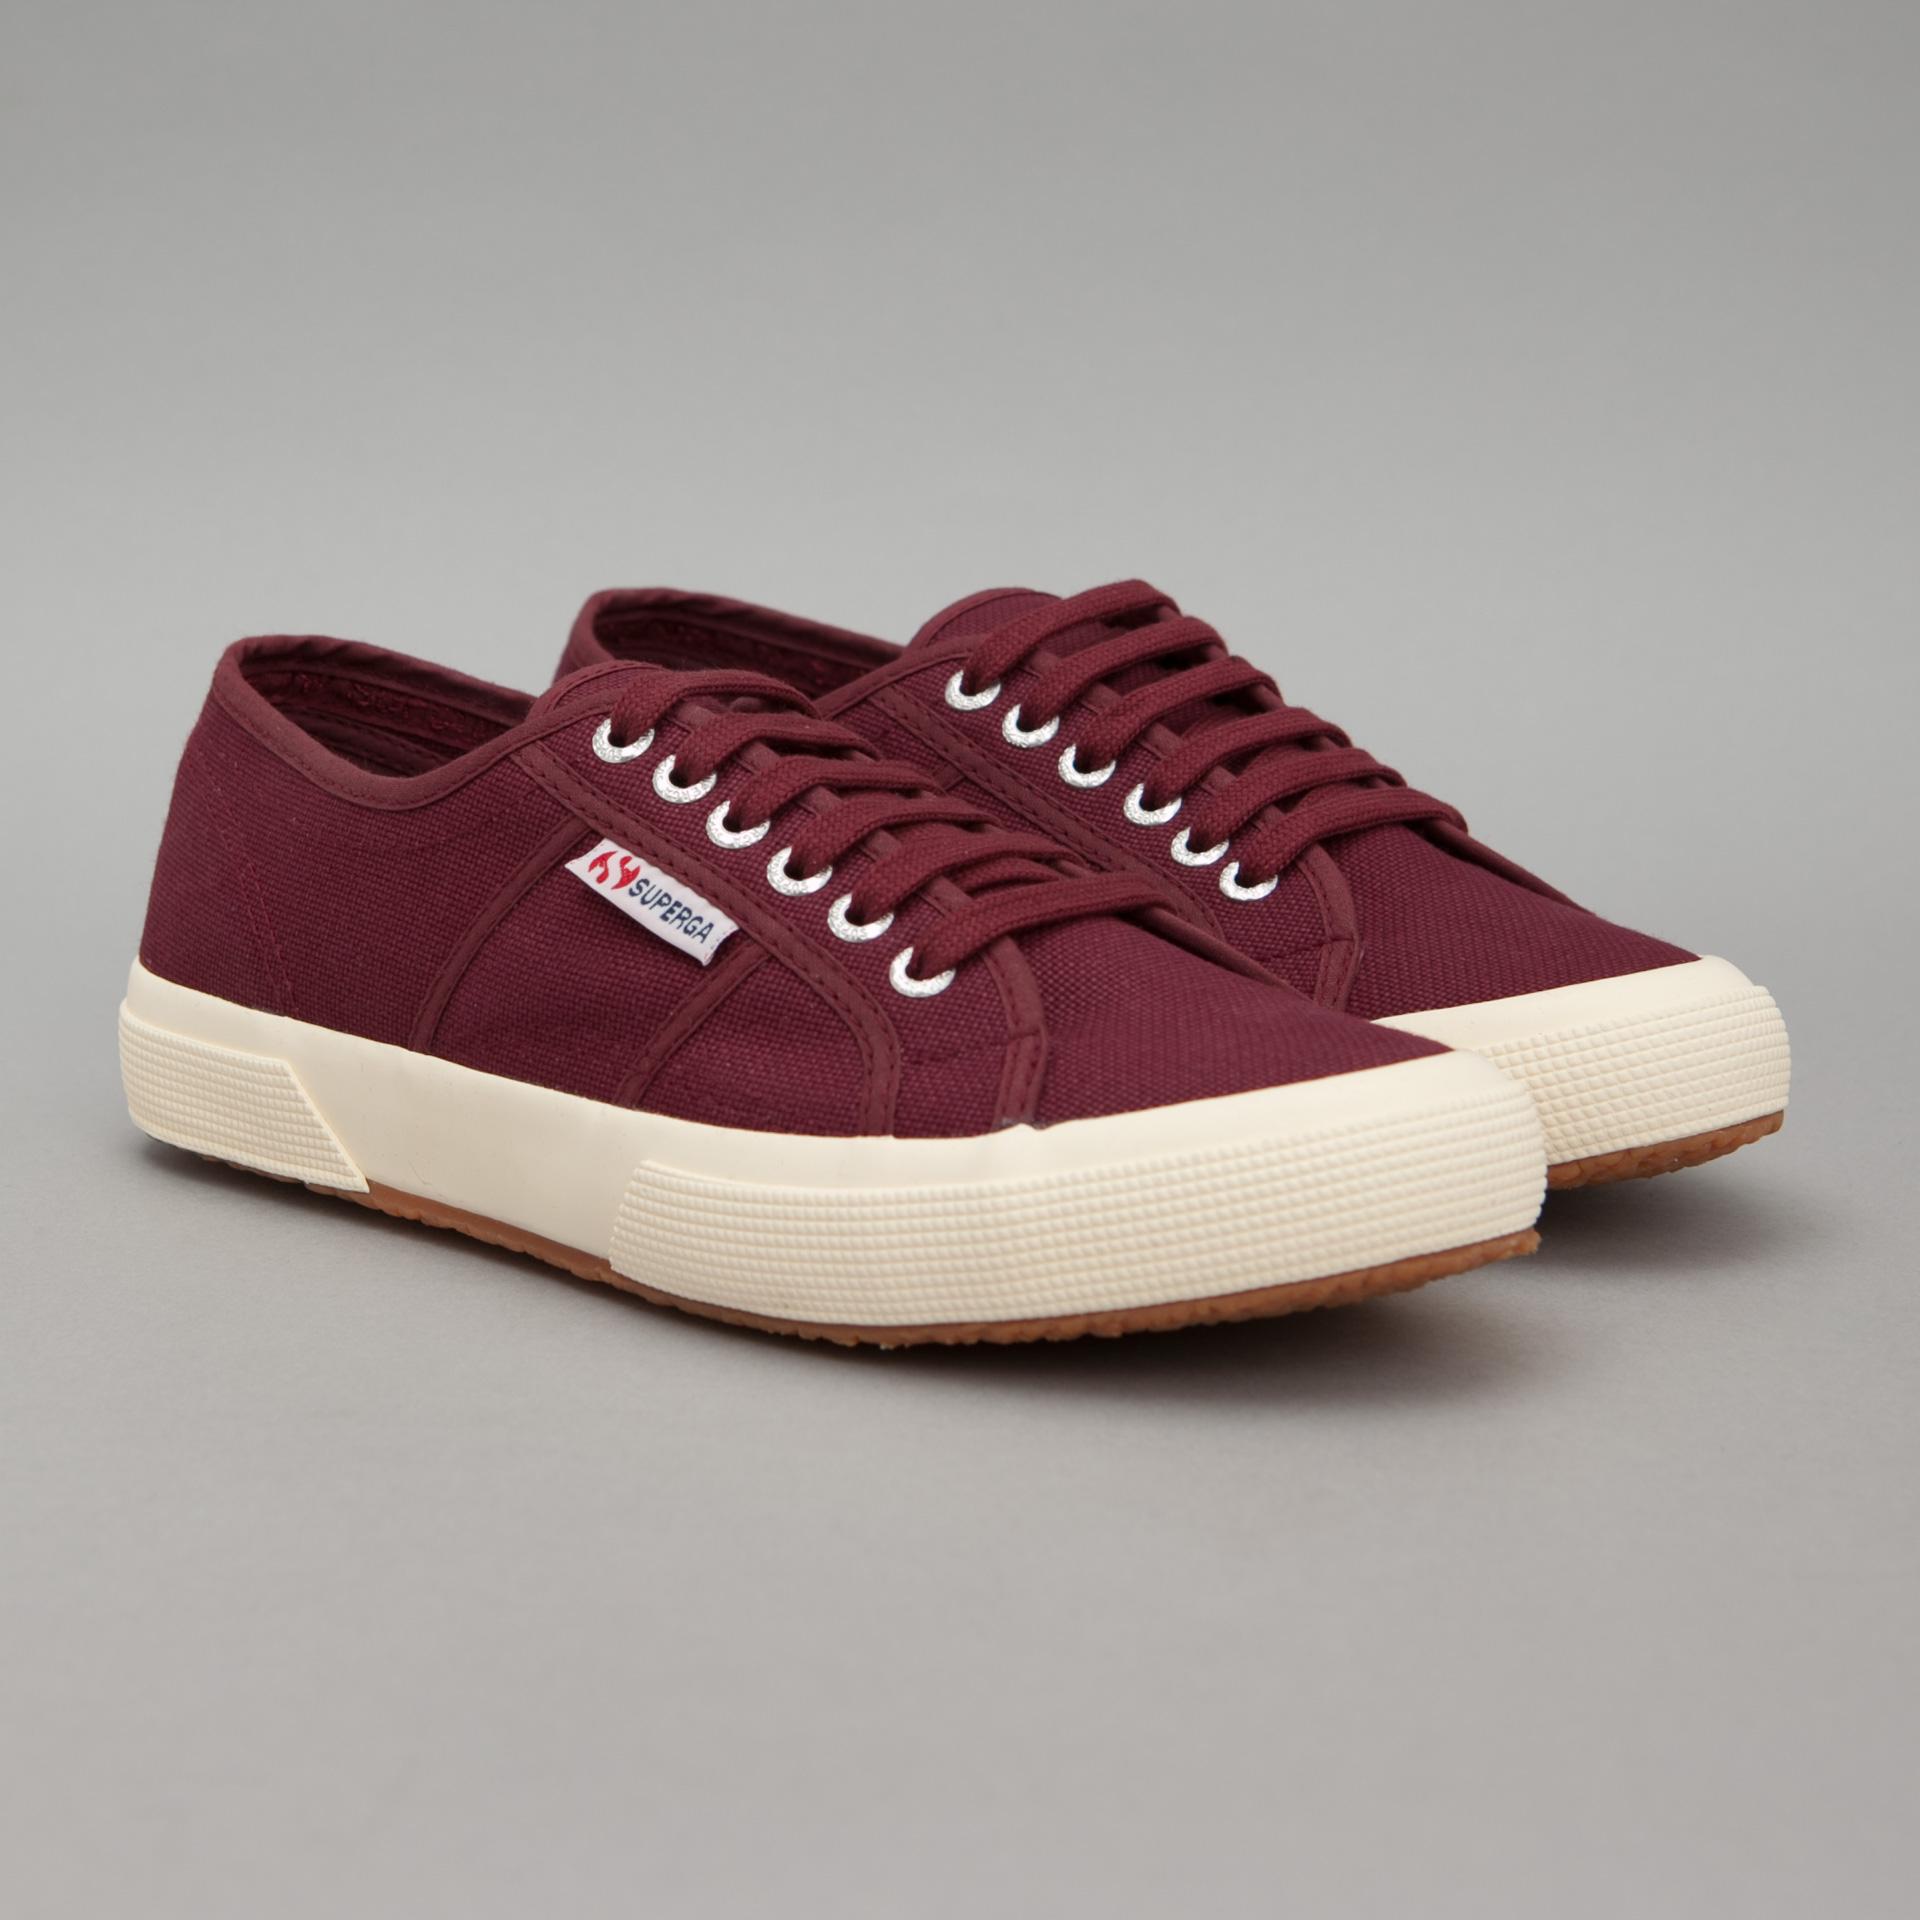 Chaussures Superga 2750 Cotu Classic - Couleur bordeaux